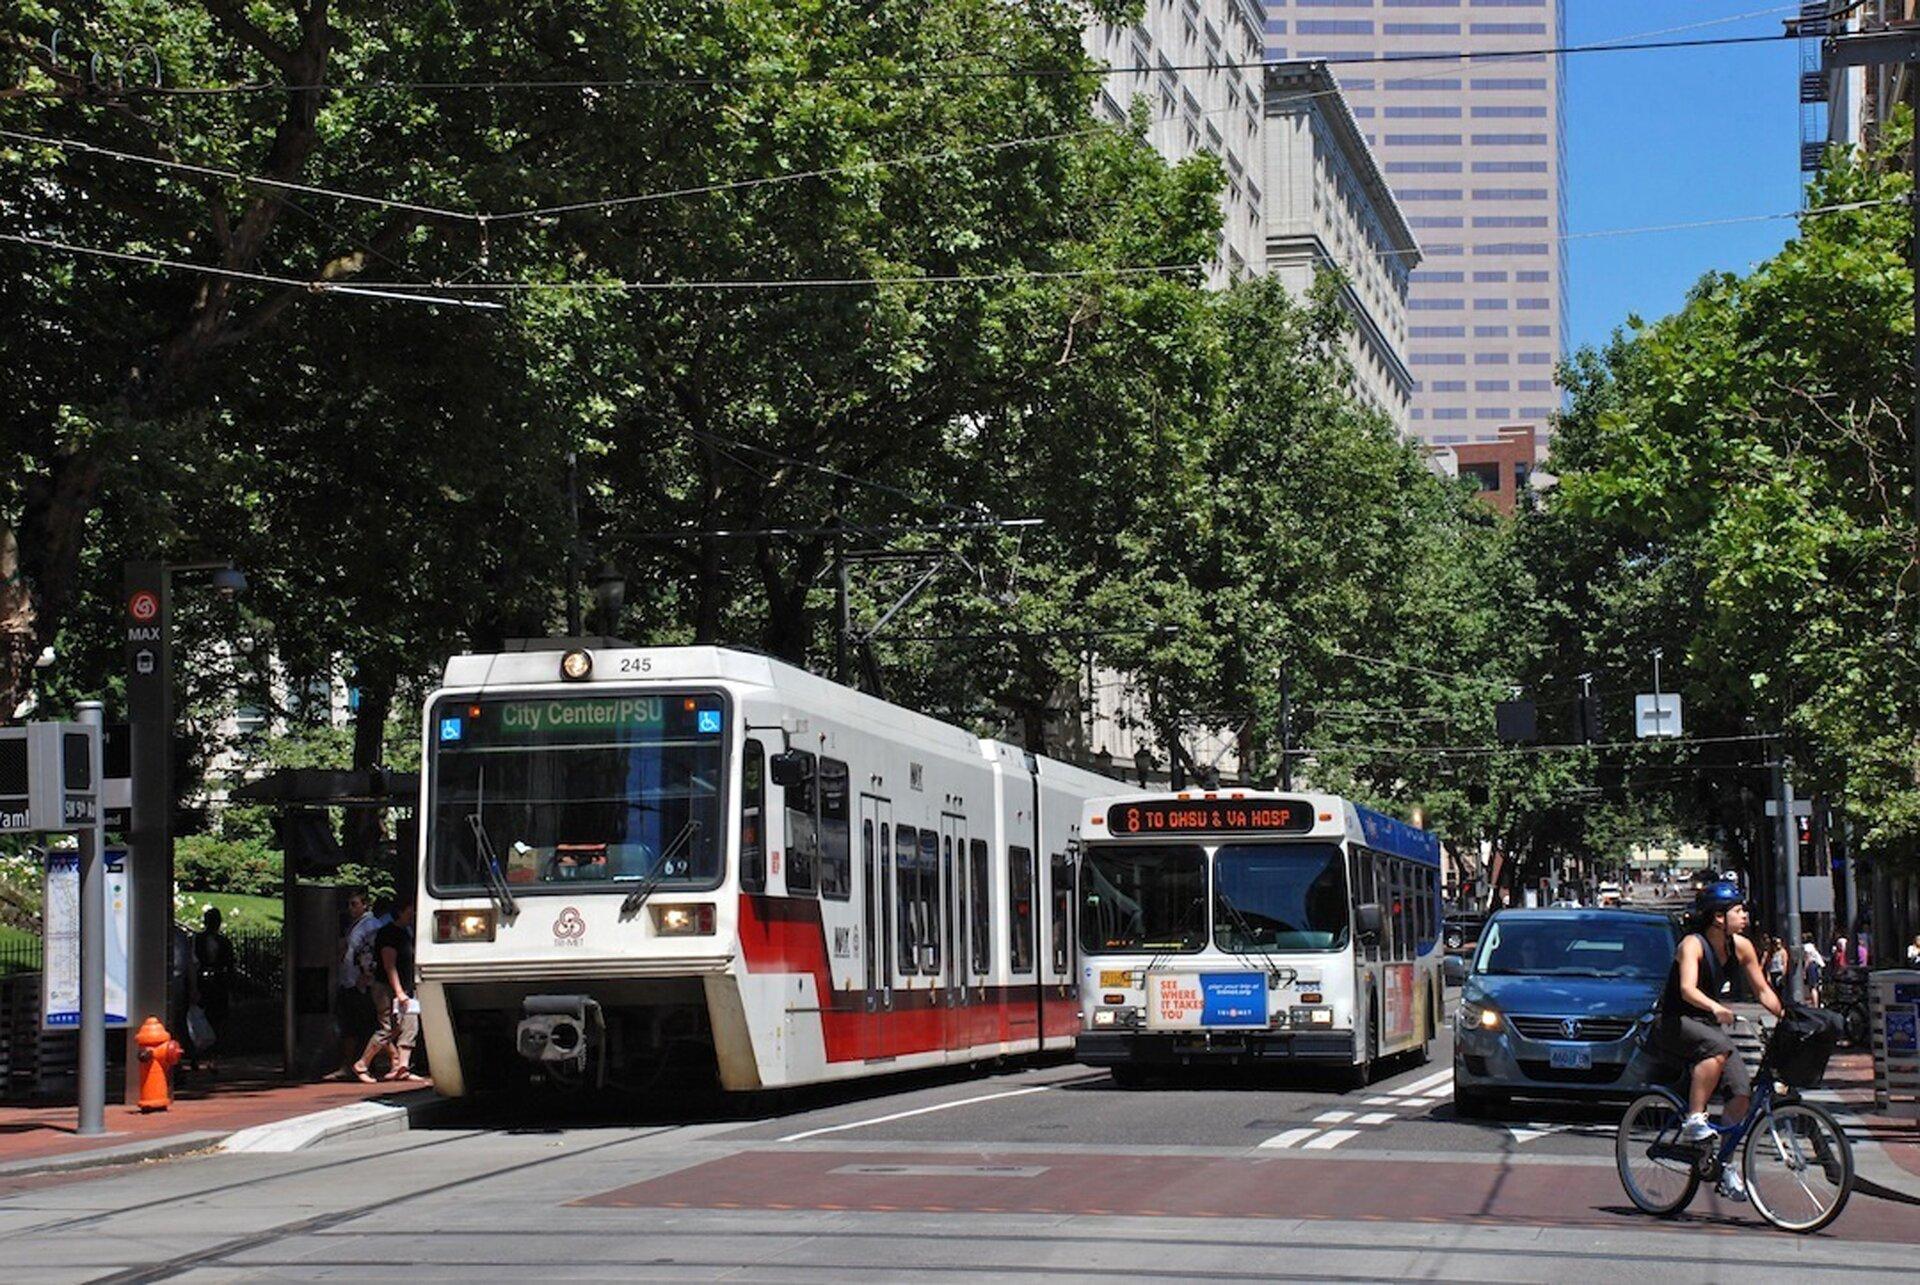 Fotografia przedstawia ulicę wPortland. Słoneczny dzień, jadący rowerzysta, tramwaj, autobus, zielone drzewa.